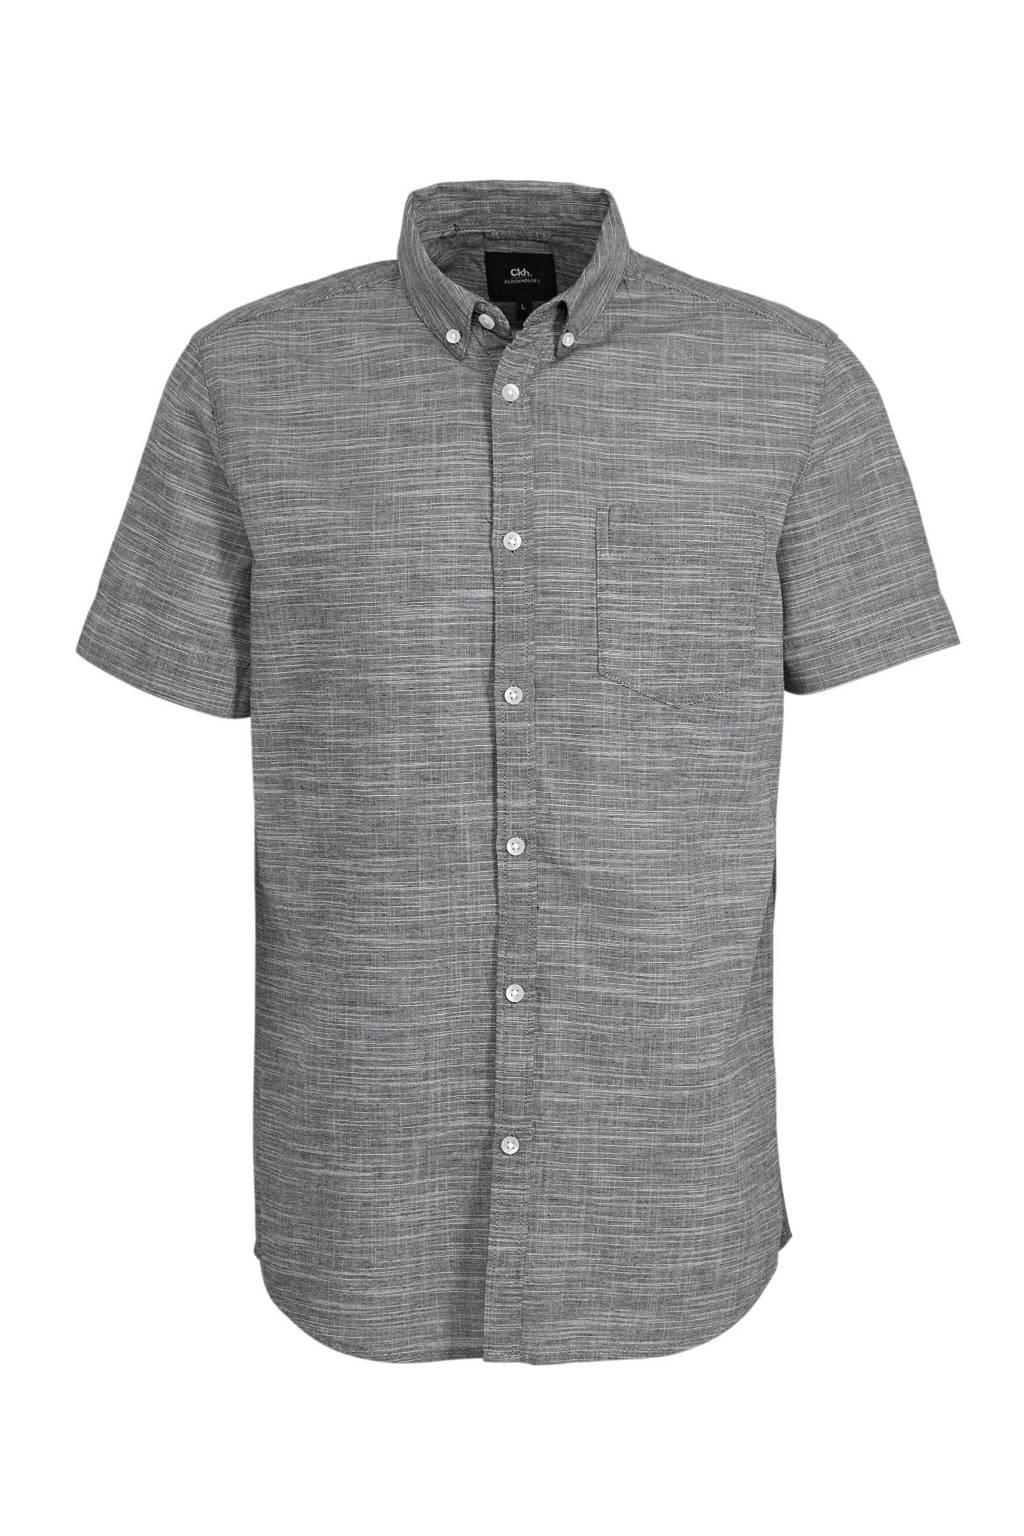 C&A Clockhouse gemêleerd regular fit overhemd grijs, Grijs